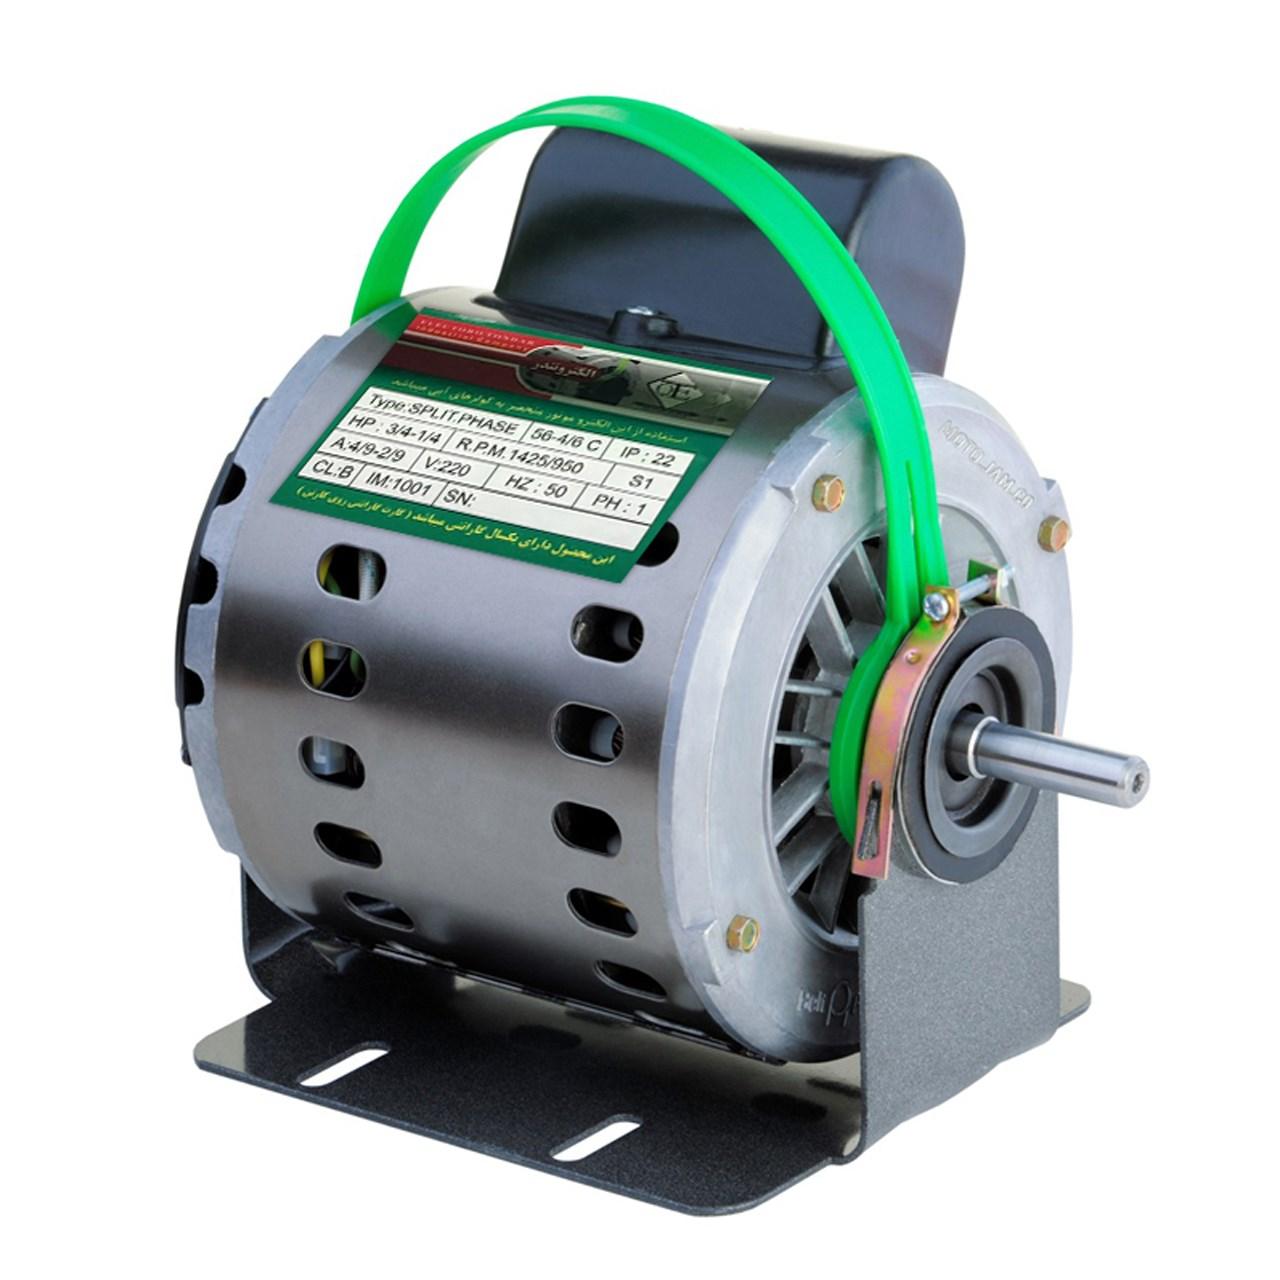 الکترو موتور کولر آبی تندر مدل A 3/4